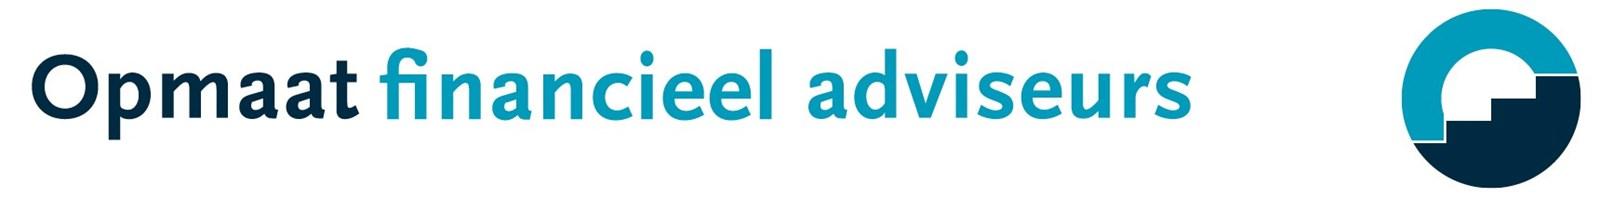 Logo van Opmaat financieel adviseurs Gouda